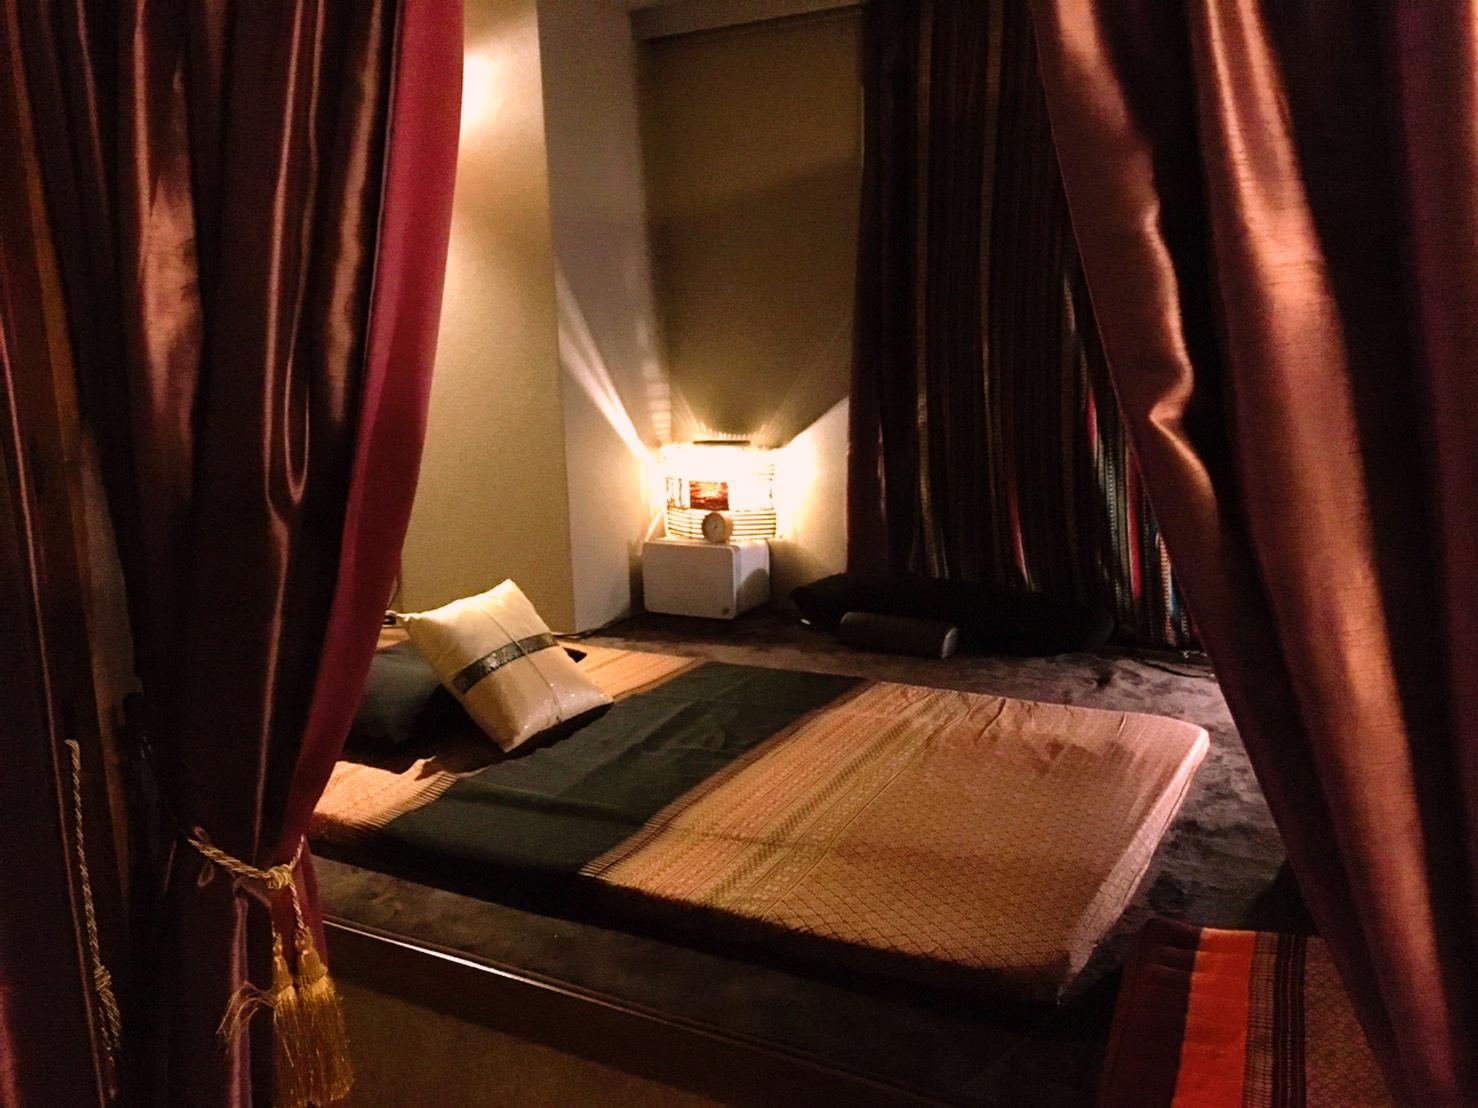 オイルマッサージ、ストレッチ、タイ古式マッサージの施術の様子。室内の風景